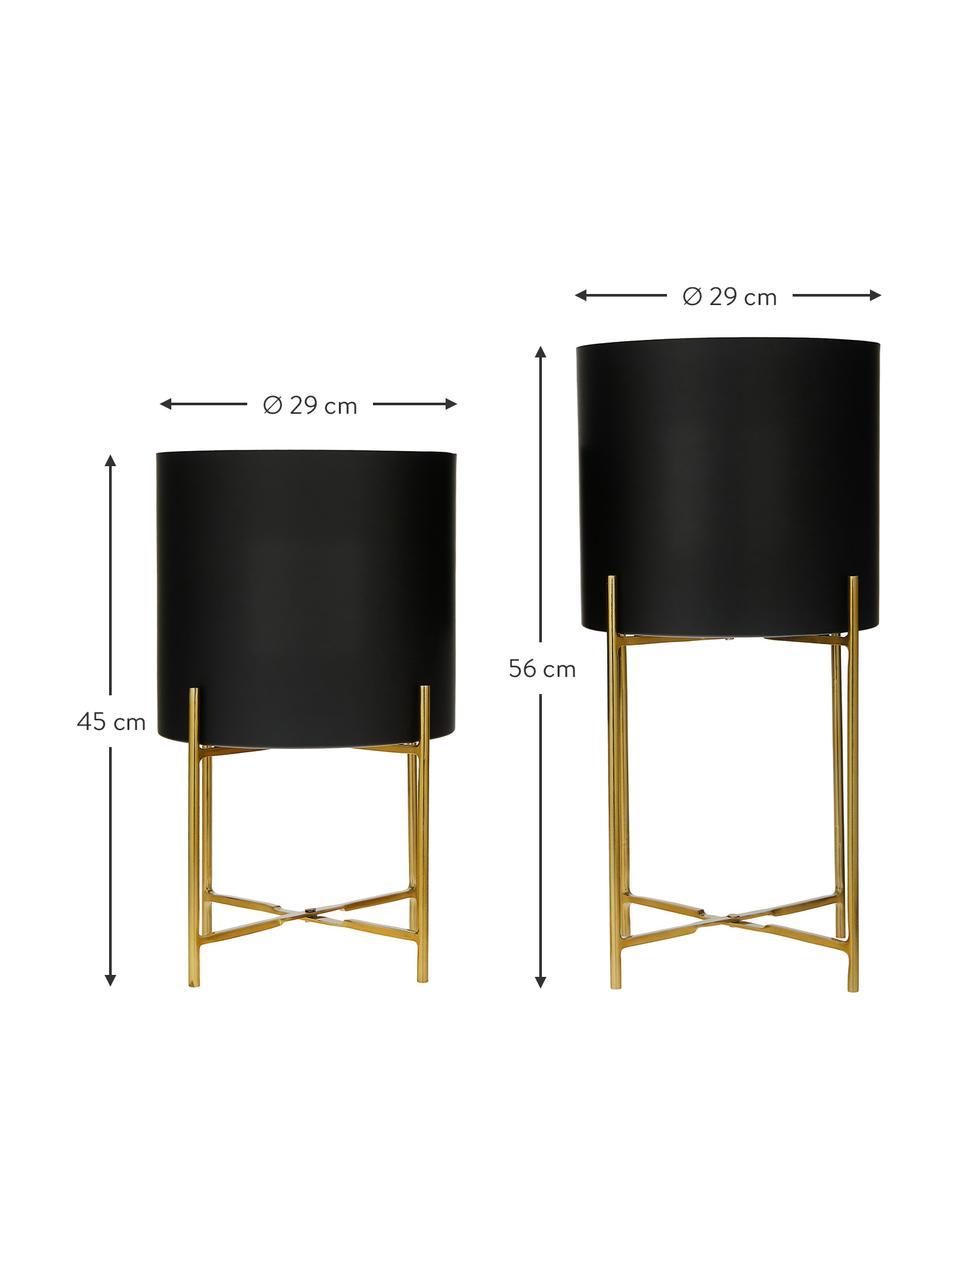 Übertopf-Set Mina aus Metall, 2-tlg., Metall, pulverbeschichtet, Schwarz, Set mit verschiedenen Größen